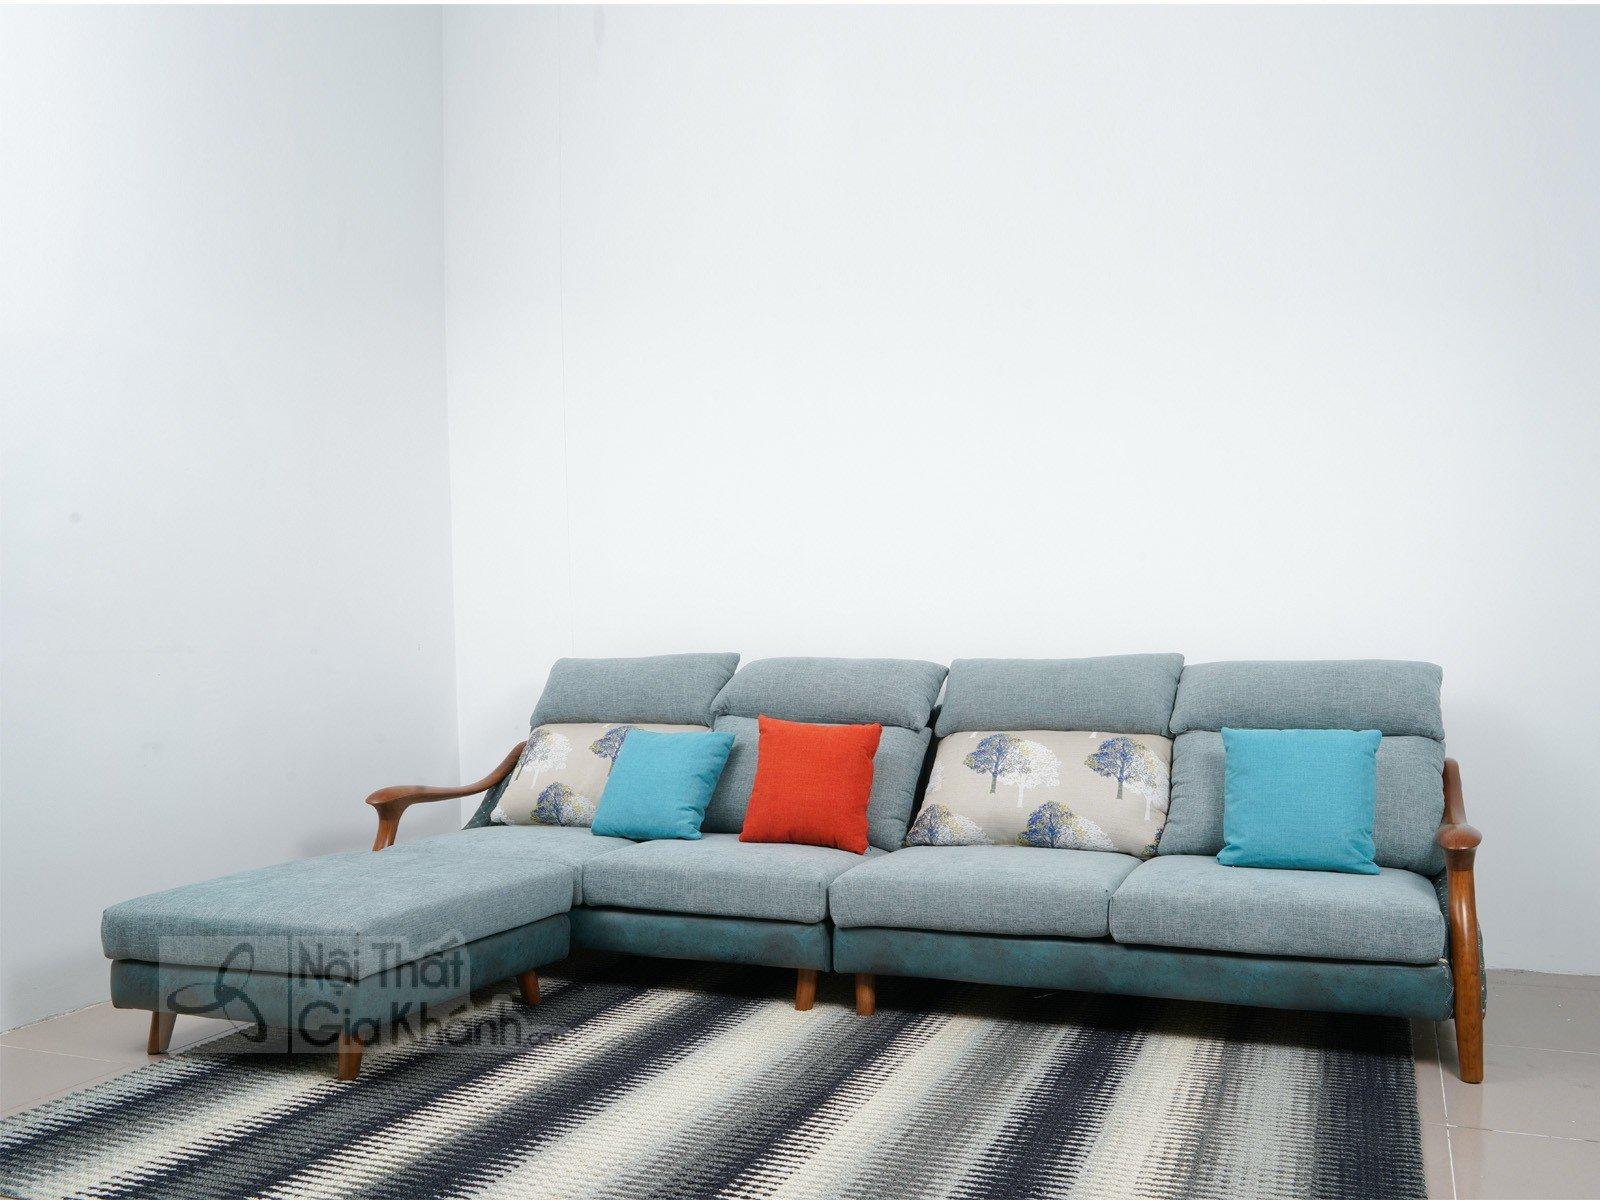 Sofa Và Đôn Nỉ Khung Gỗ Hiện Đại Mr802C-Sf